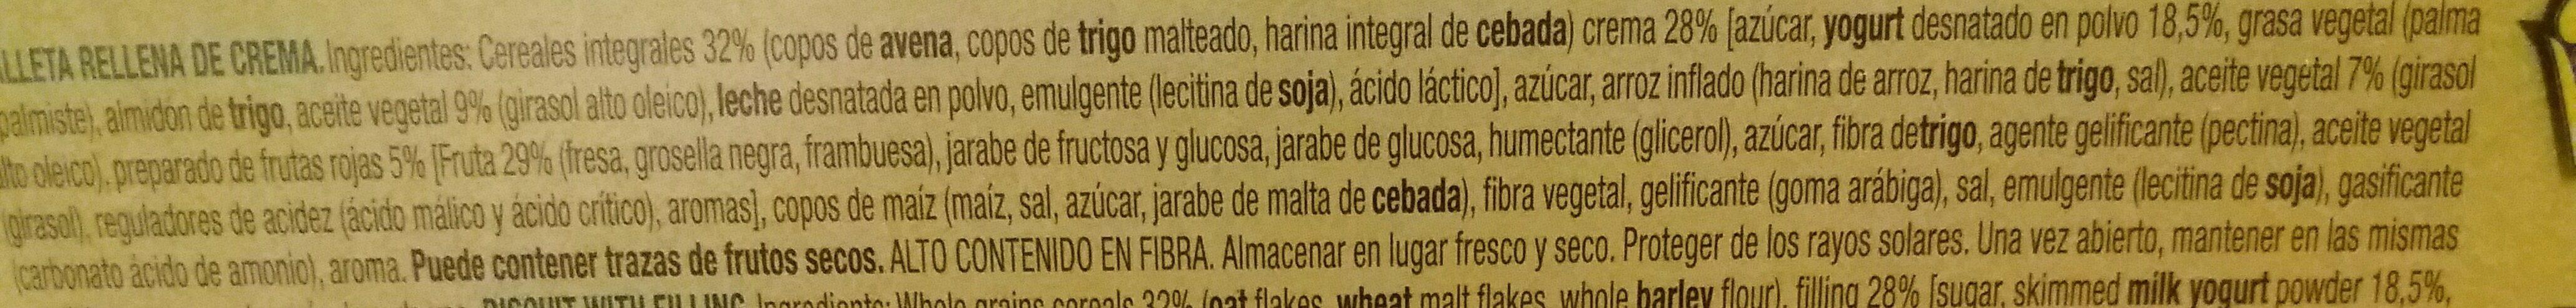 Vitalday sandwich sabor yogurt con avena y frutos rojos - Ingredients - es